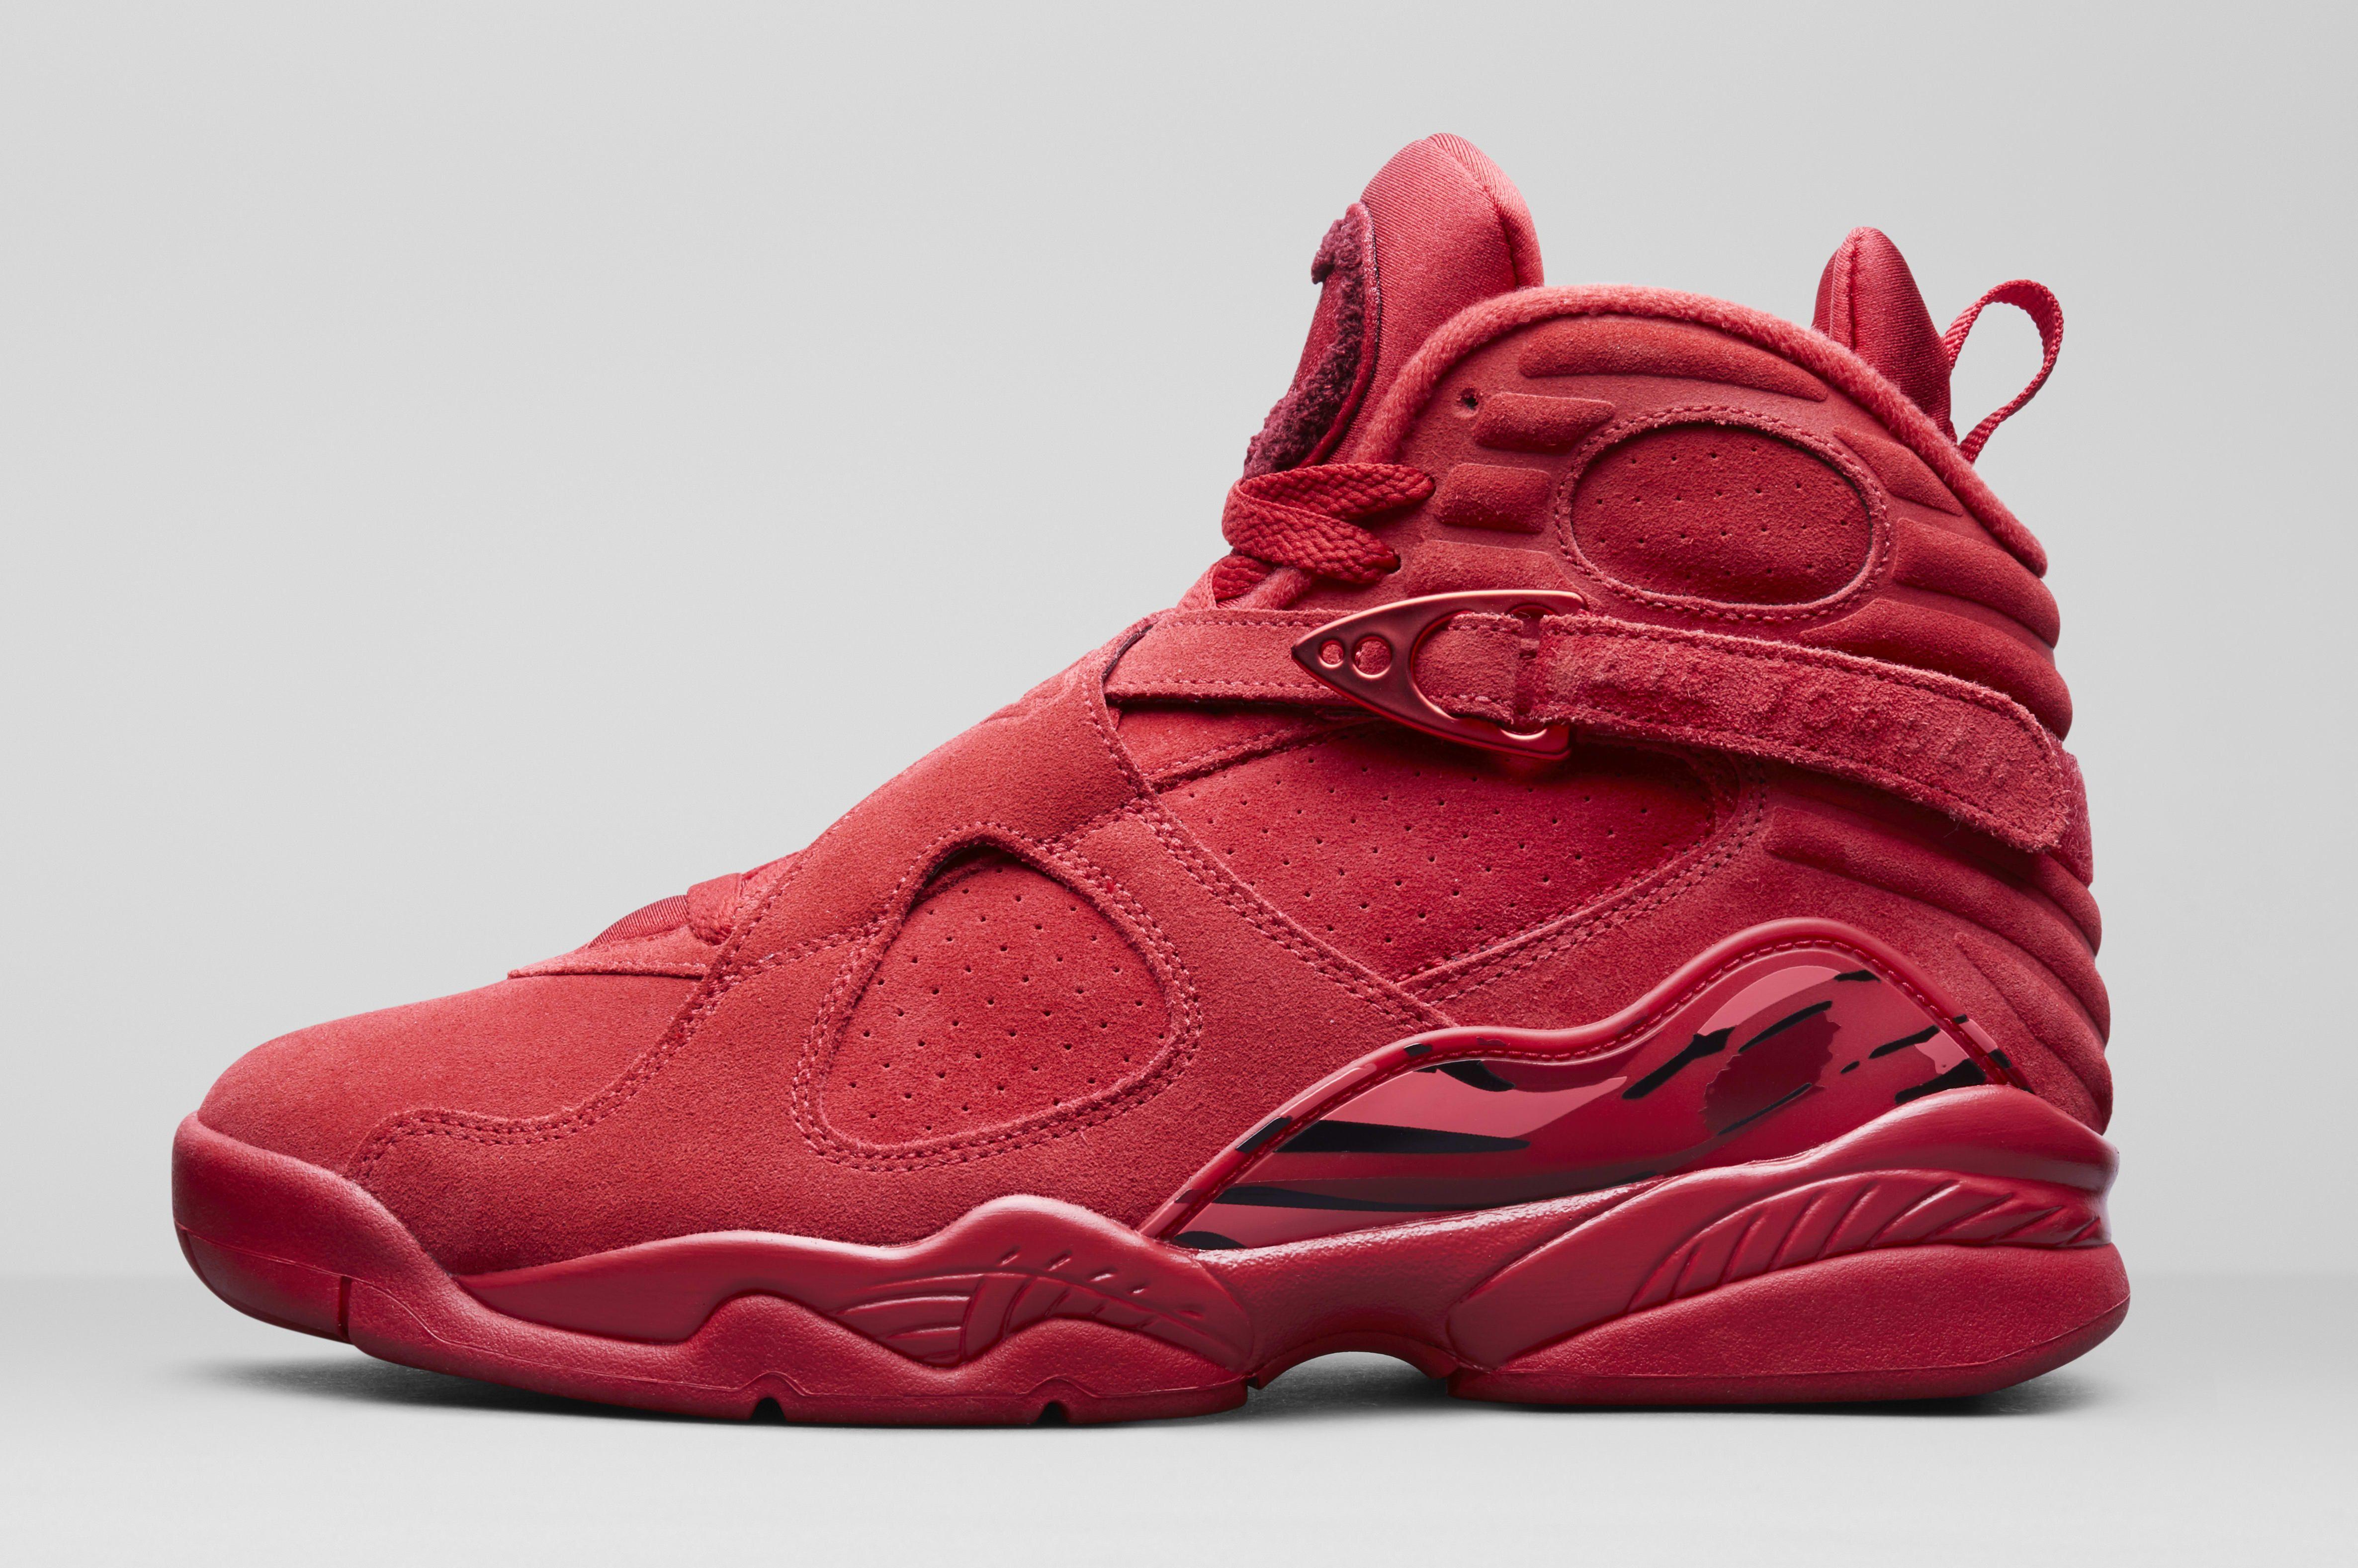 Sneakers, Air jordans, Sneakers nike